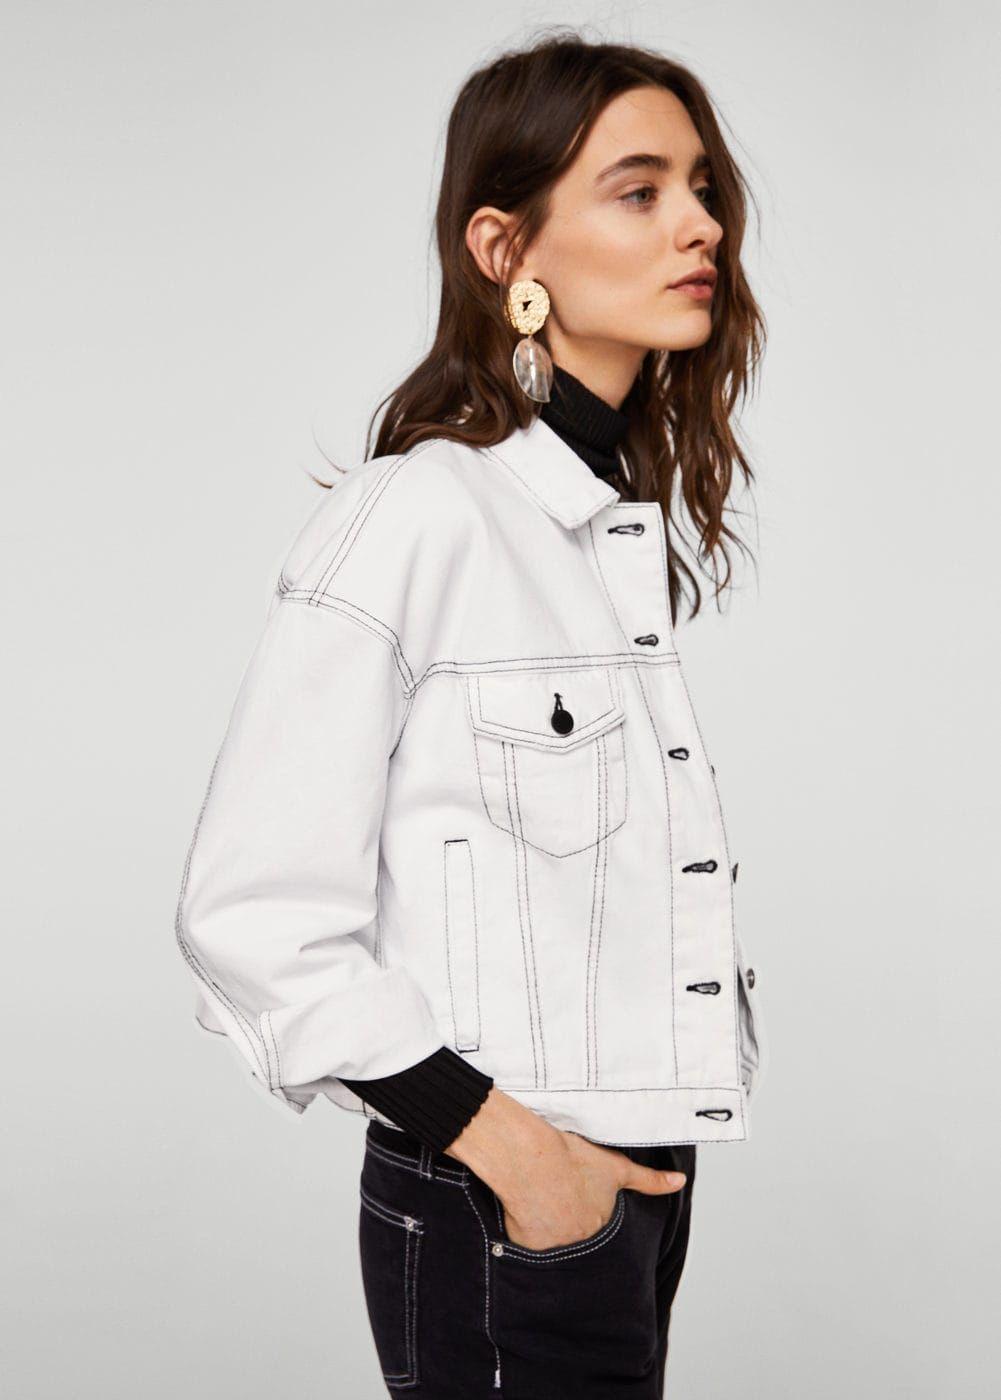 790939248234 Blouson denim coutures contrastantes - Femme   France   Shopping ...